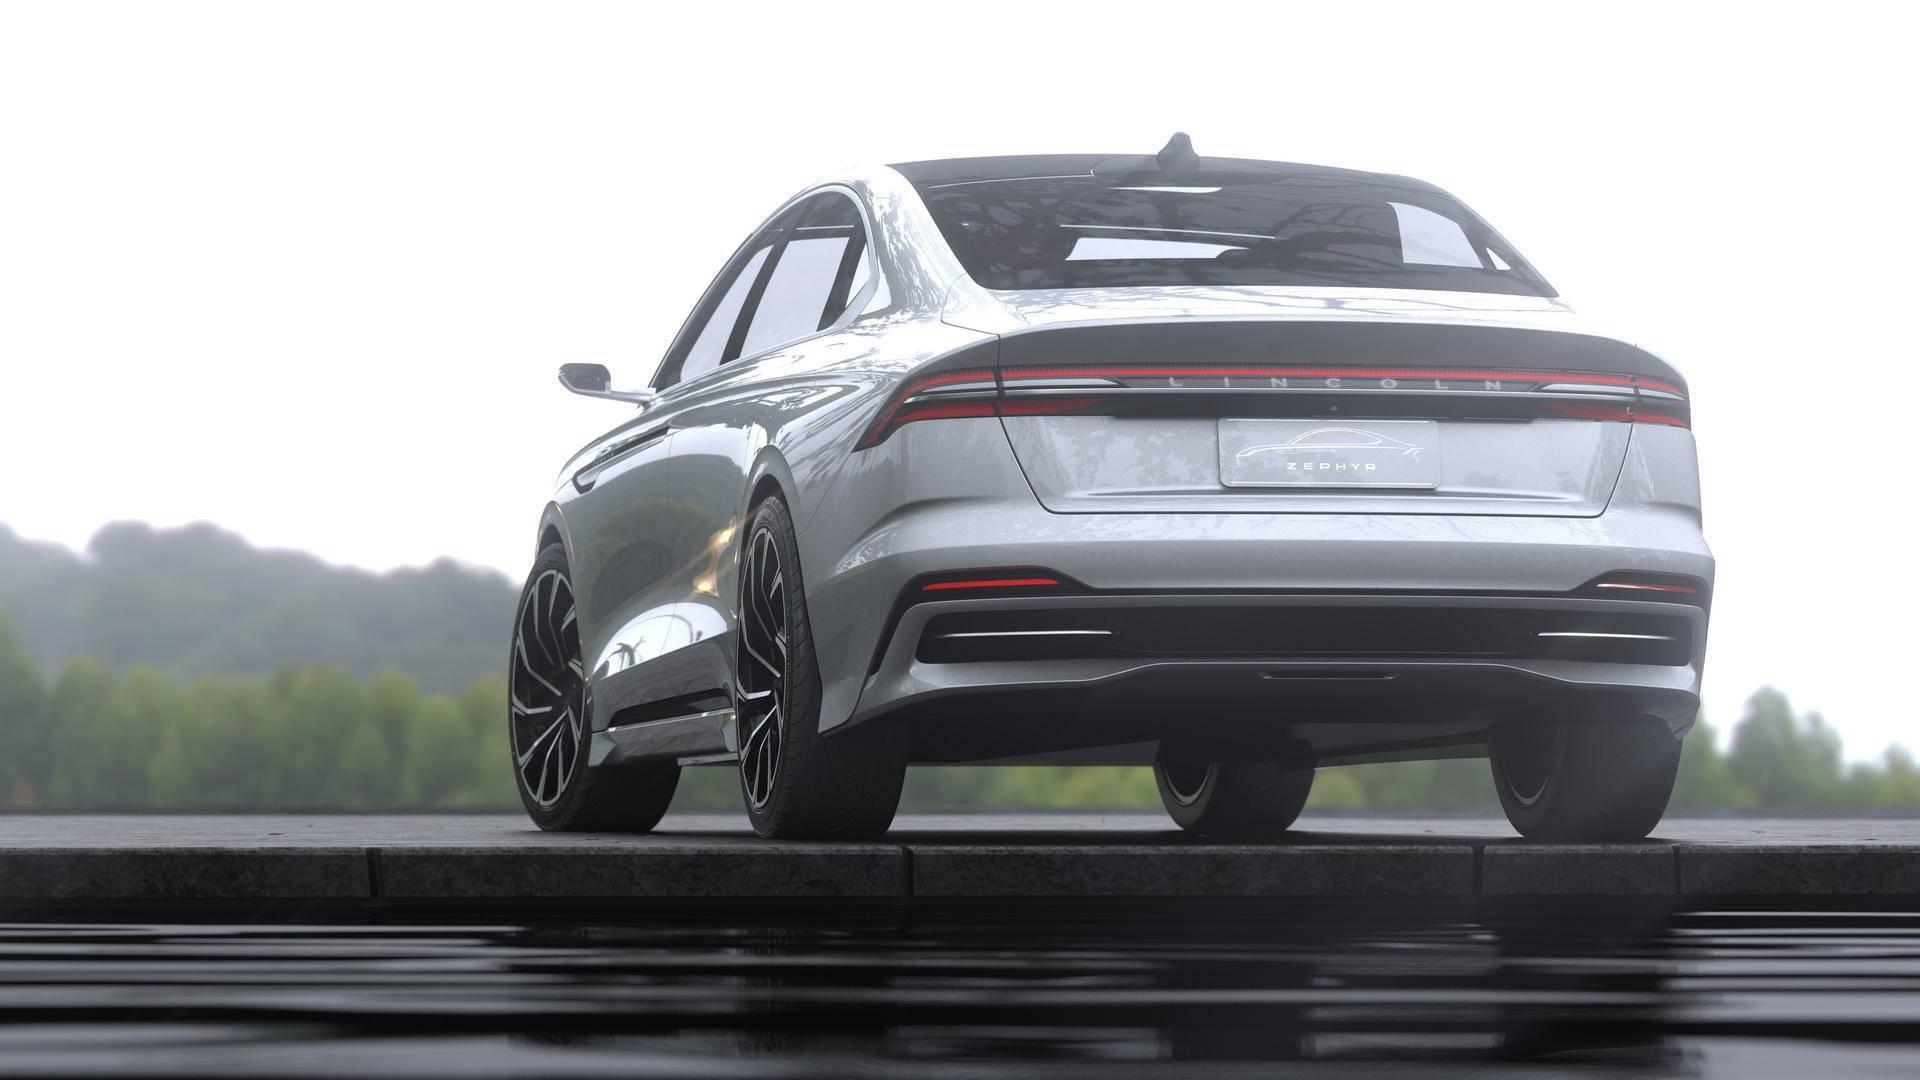 从Zephyr Reflection量产概念车,或许能窥探林肯的未来